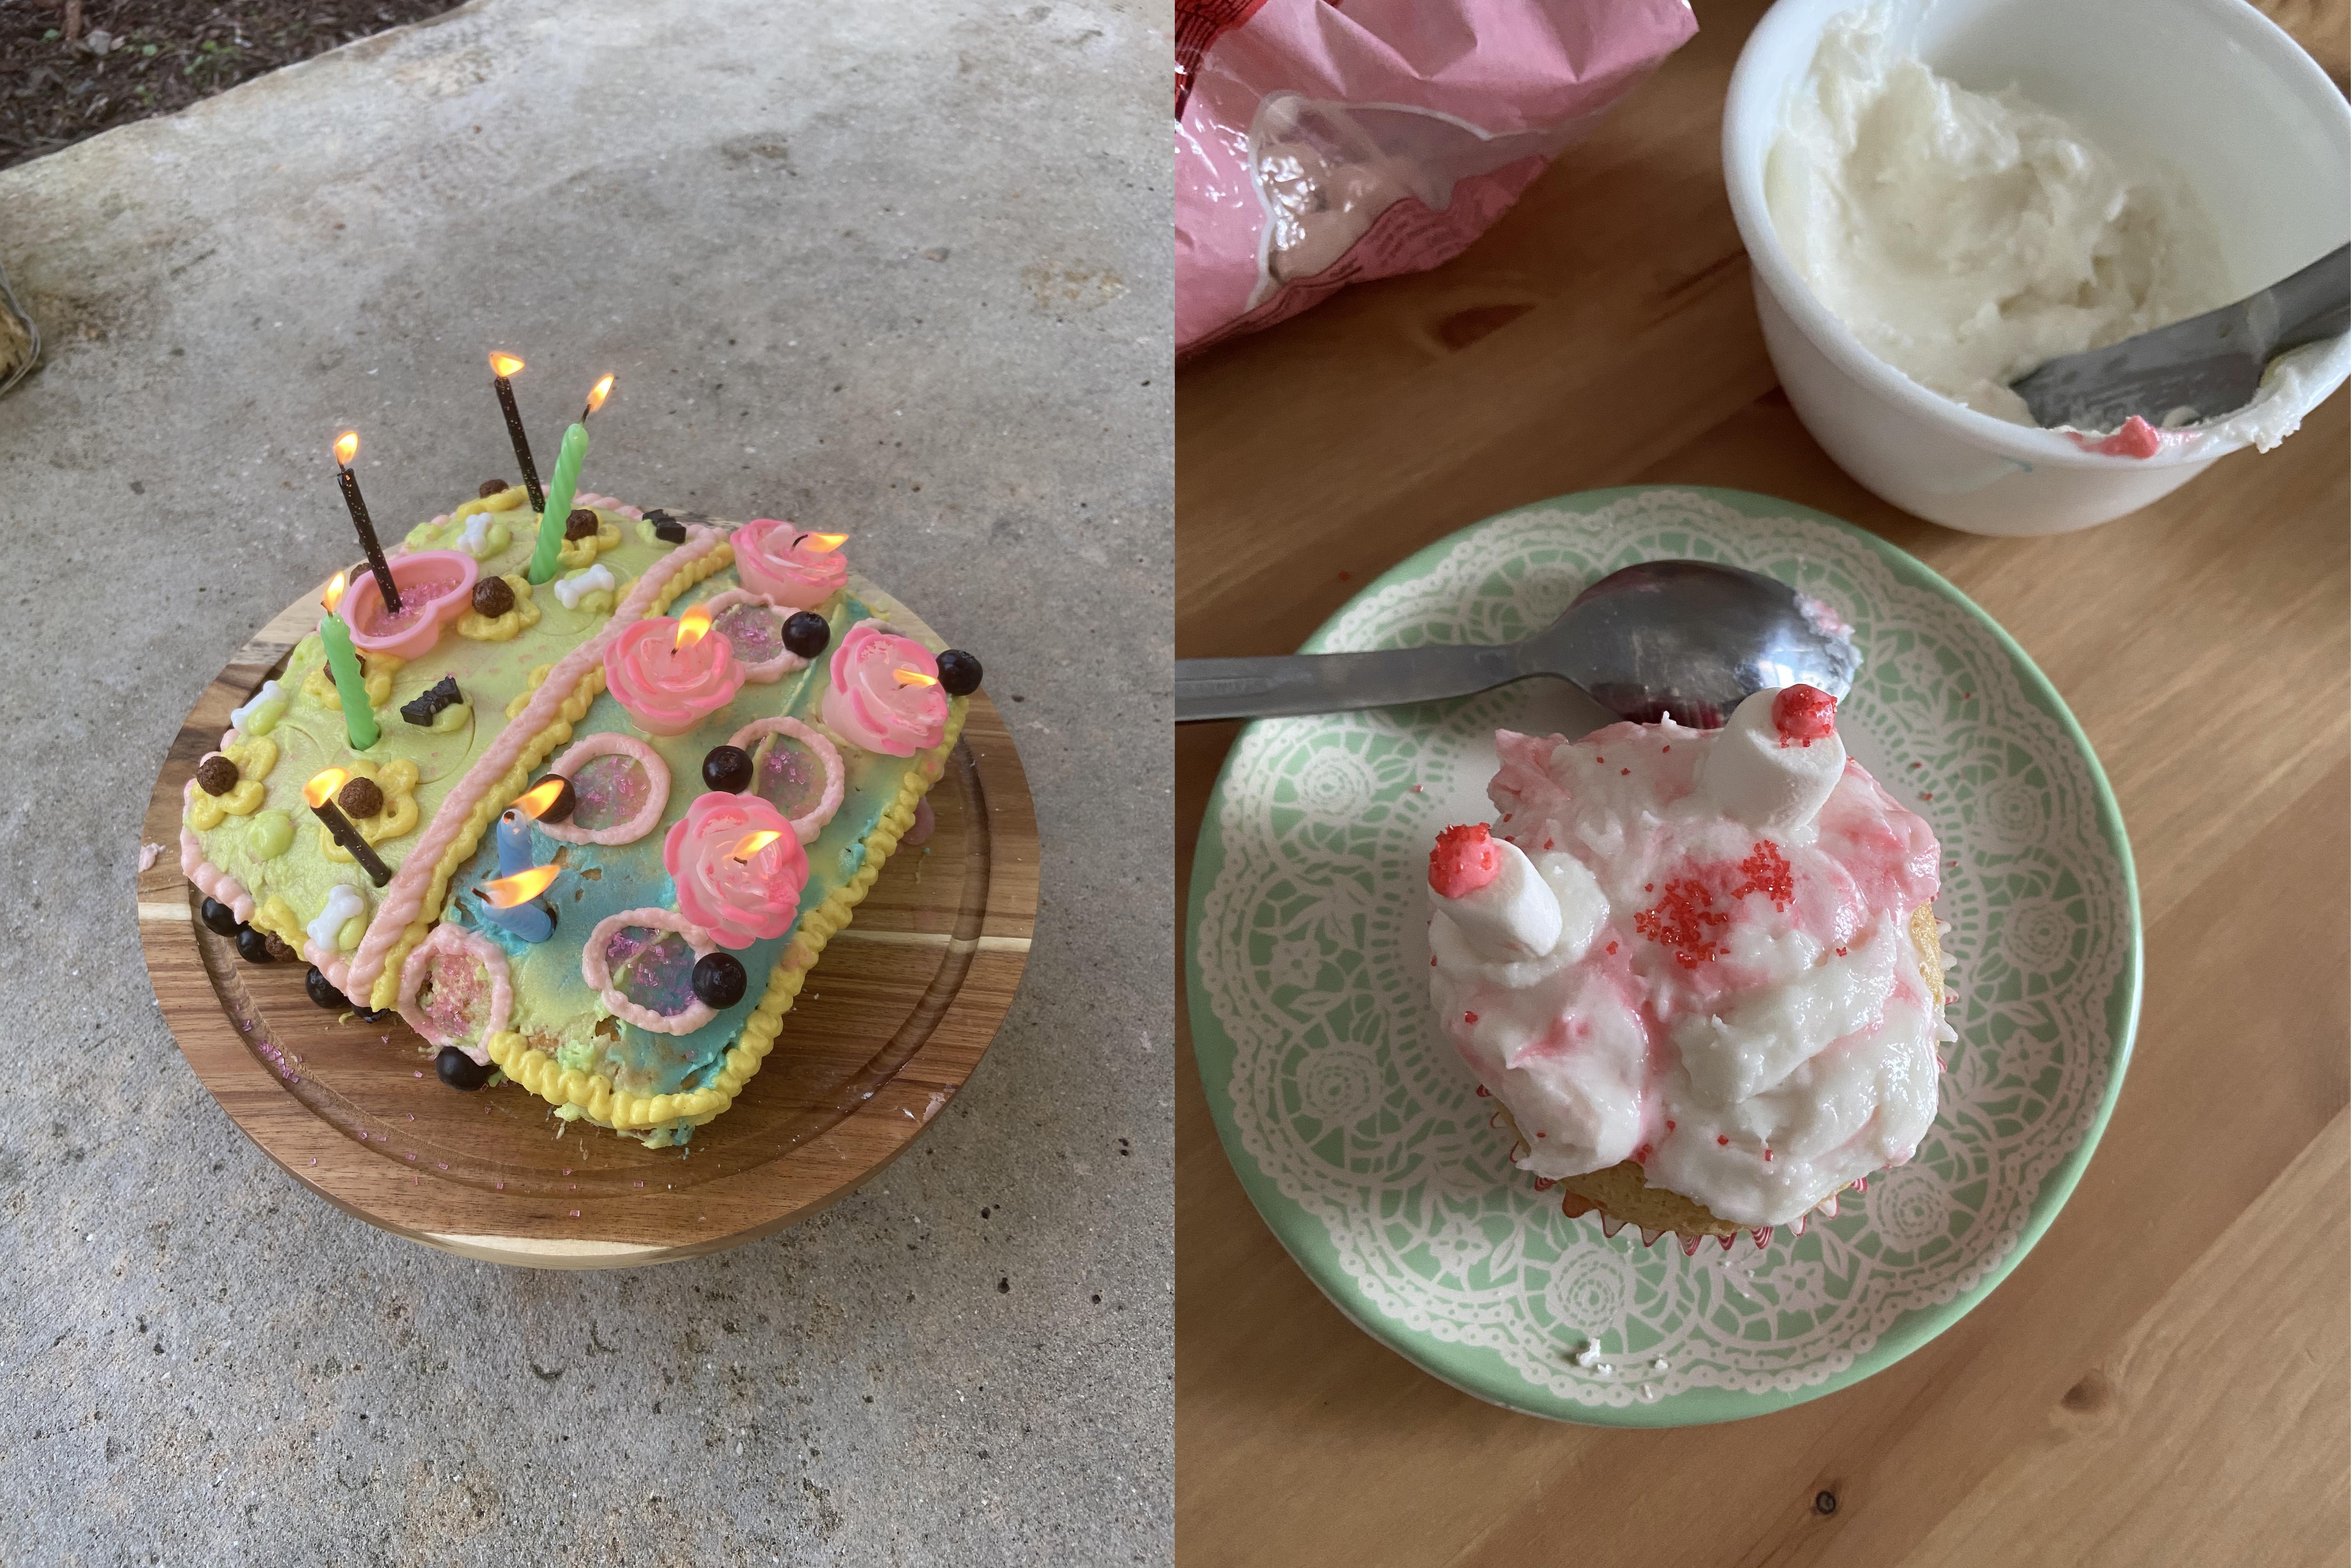 experimental-instagram-hoe-cakes.jpg